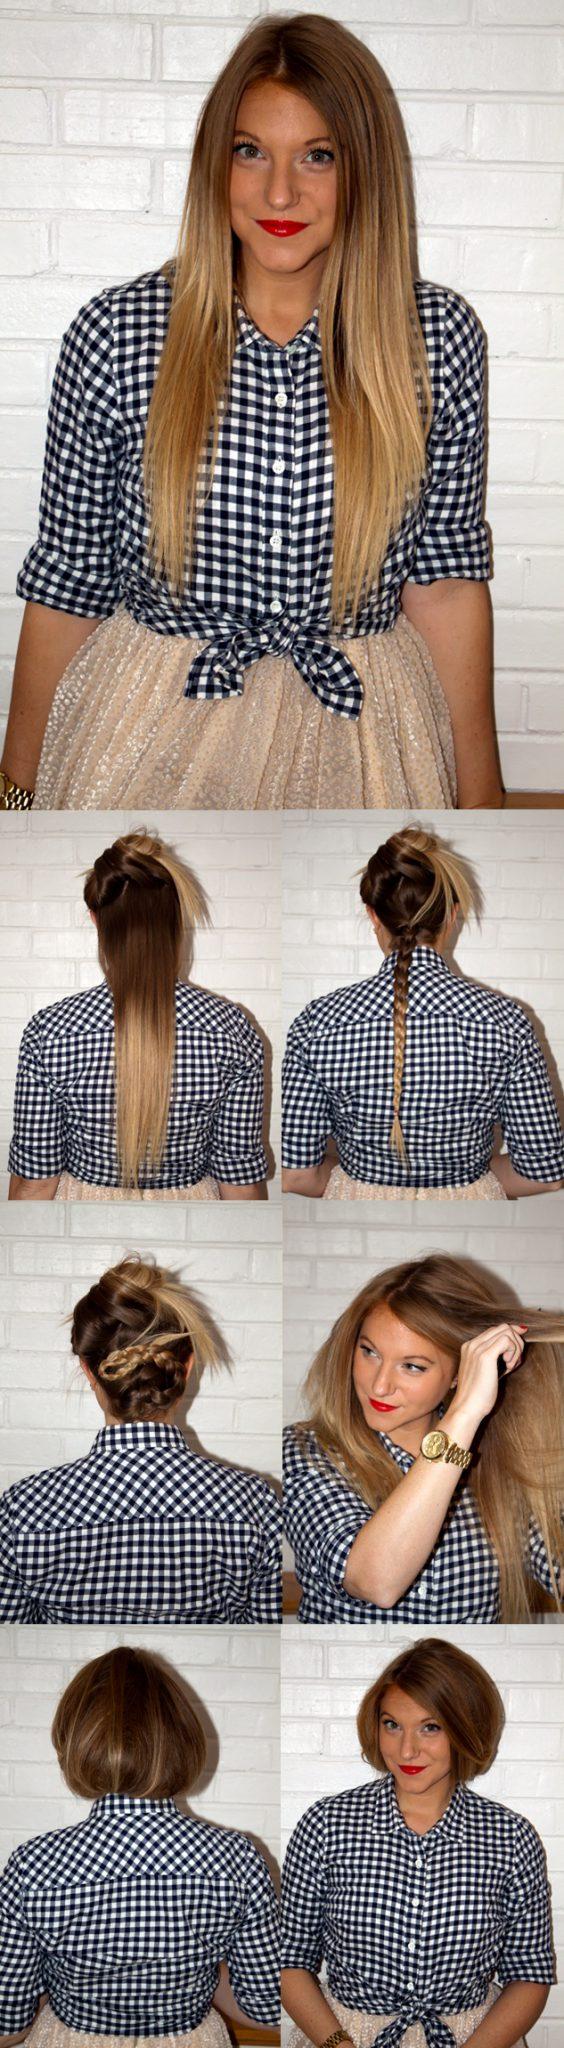 из длинных волос короткие фото 7